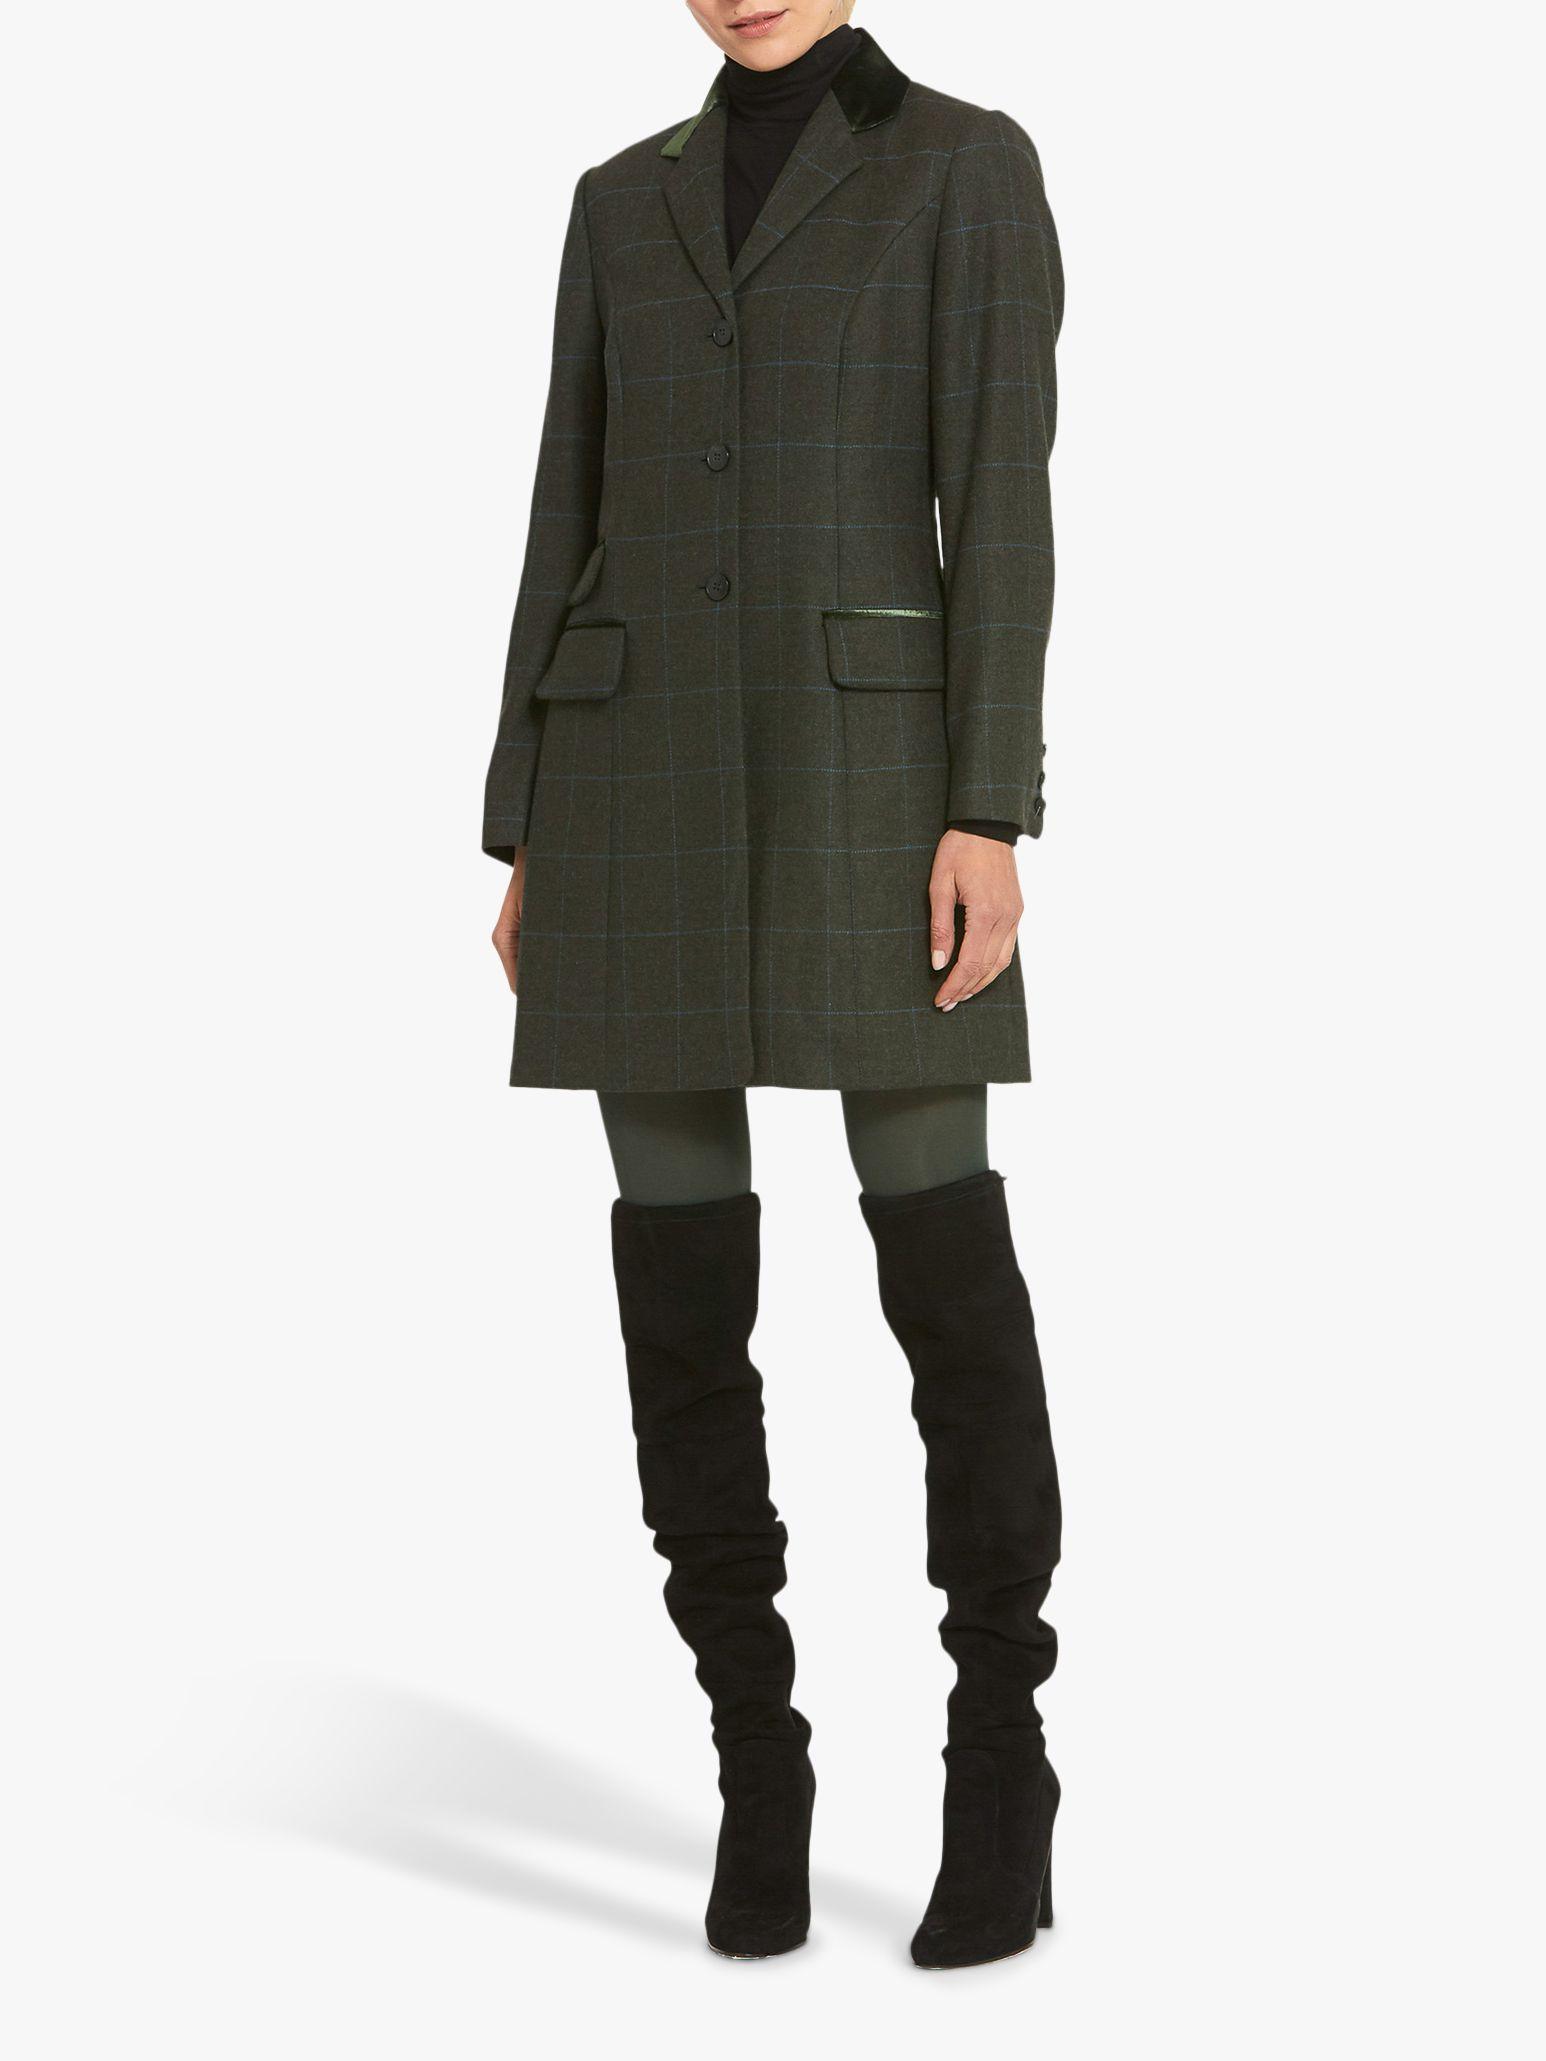 Helen McAlinden Helen McAlinden Kate Magee Tweed Jacket, Grey